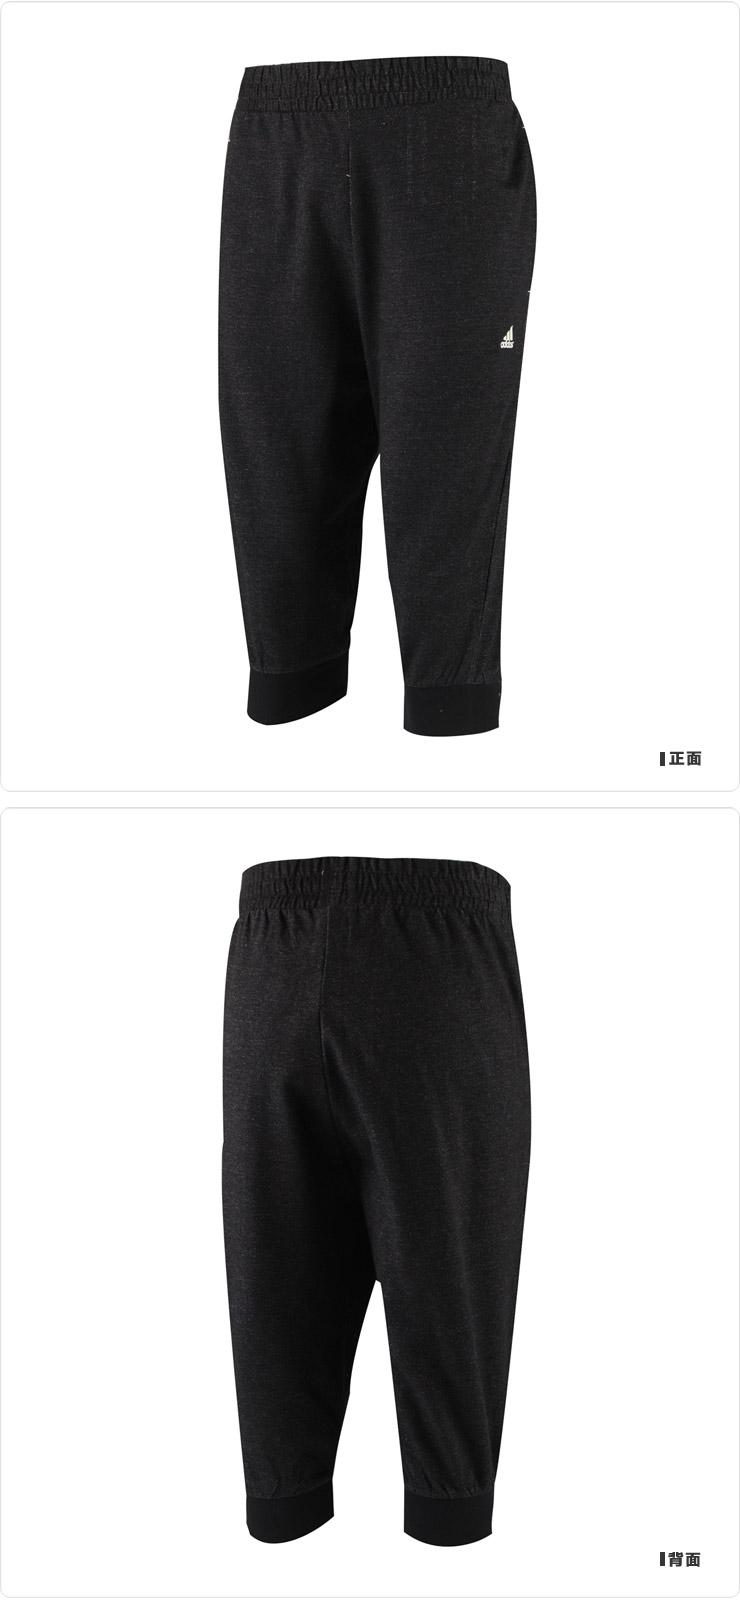 阿迪达斯adidas运动服男装训练武极系列纯棉运动长裤Z49009 Z49011 藏青蓝